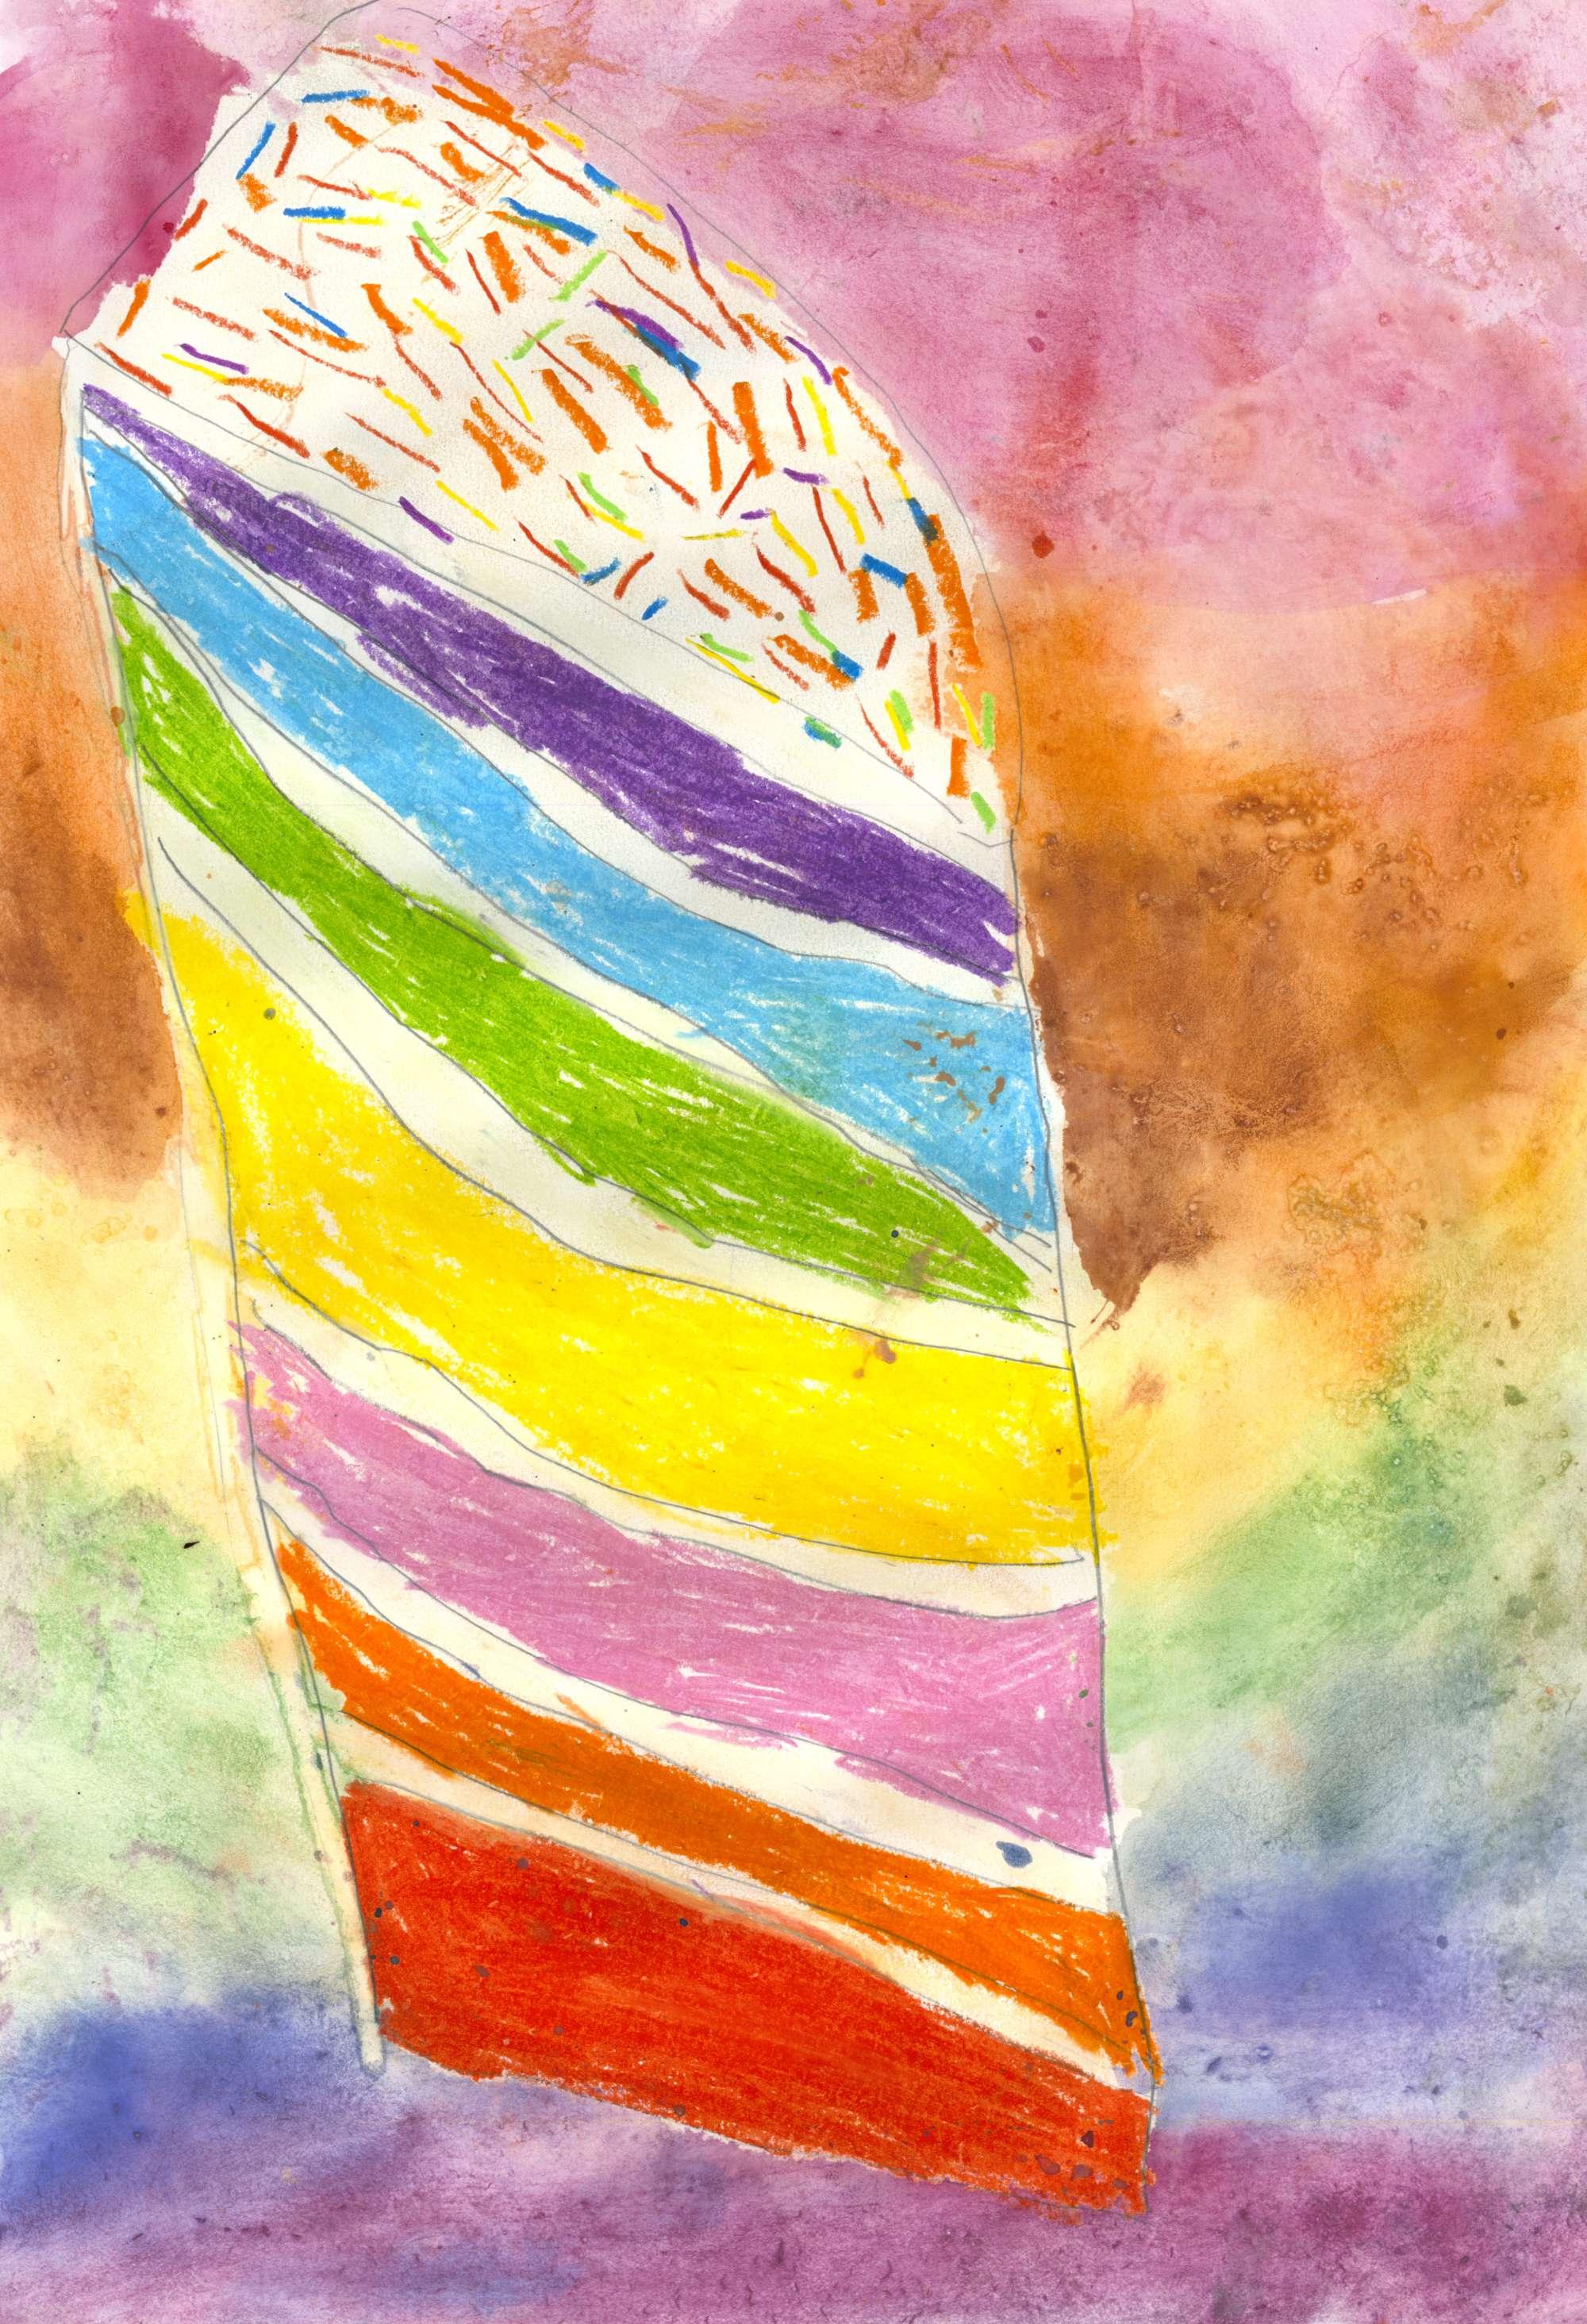 Delicious Rainbow Cake 2